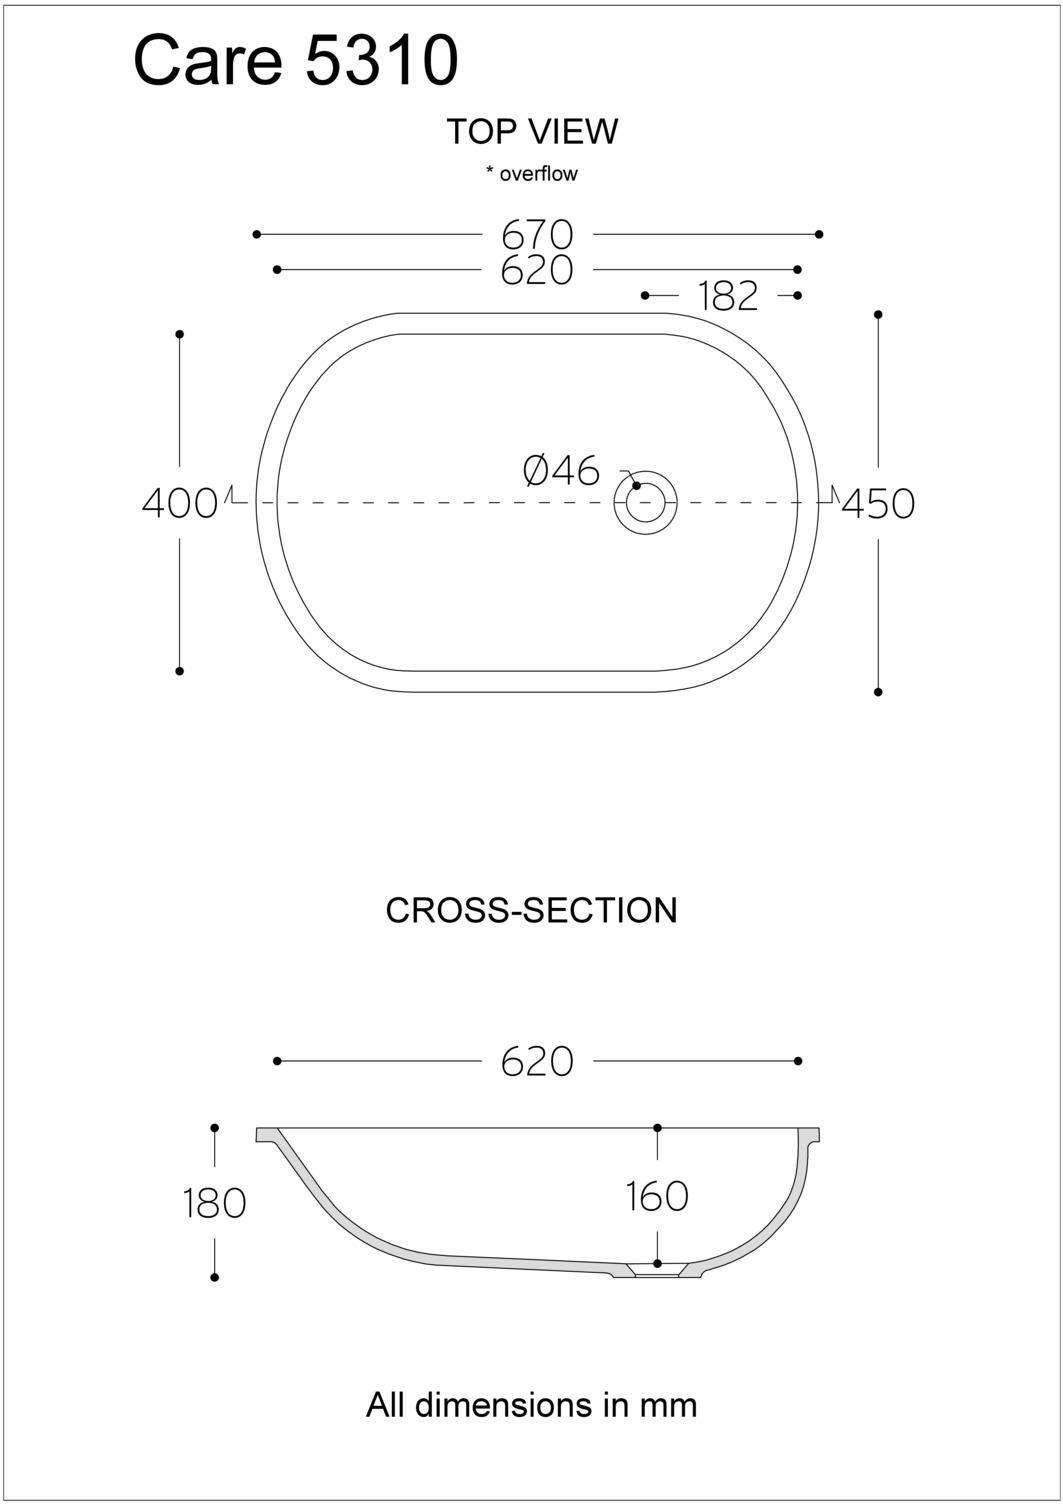 DUPONT_CORIAN_CARE5310_2D_PDF[0]